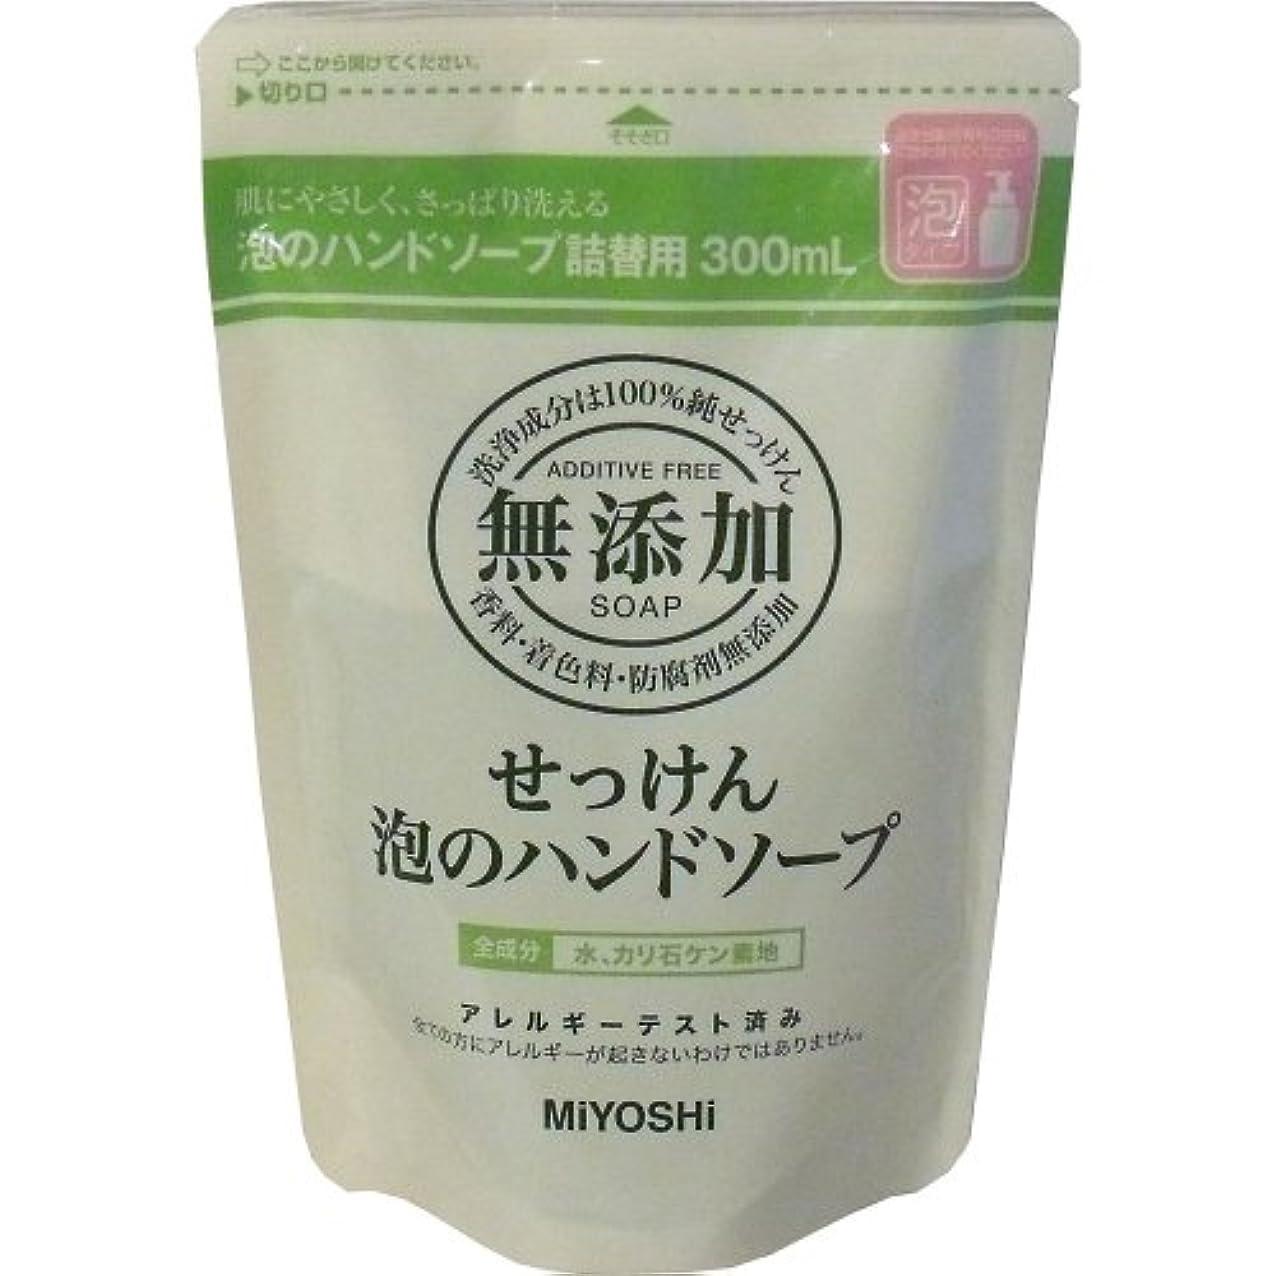 レッスン組みミヨシ石鹸 無添加せっけん泡ハンドソープ 詰替用300ml×5